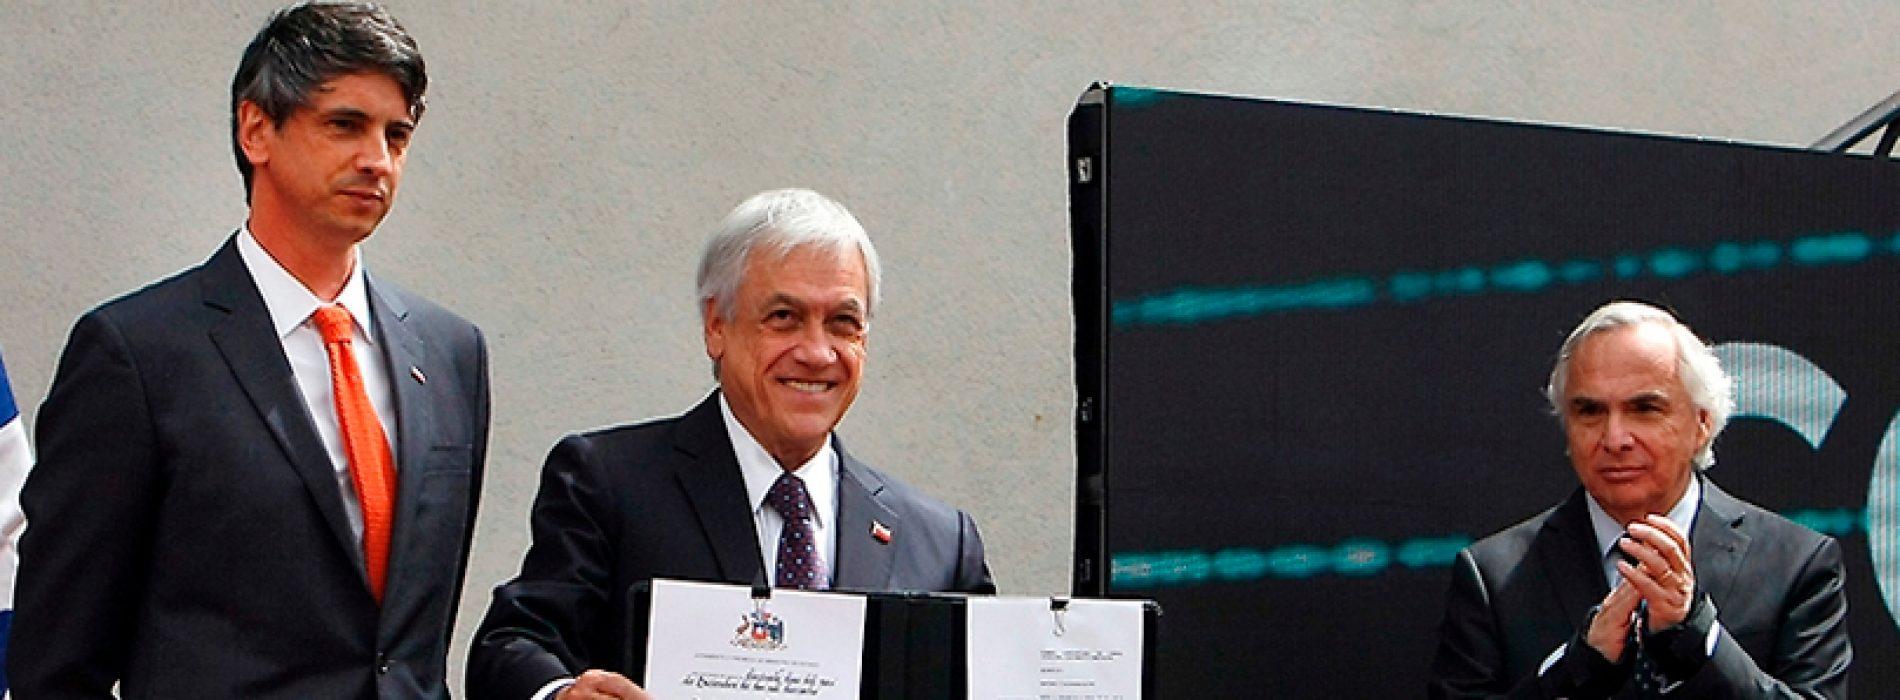 Académico de la U. de Chile Andrés Couve es el primer ministro de Ciencia y Tecnología del país